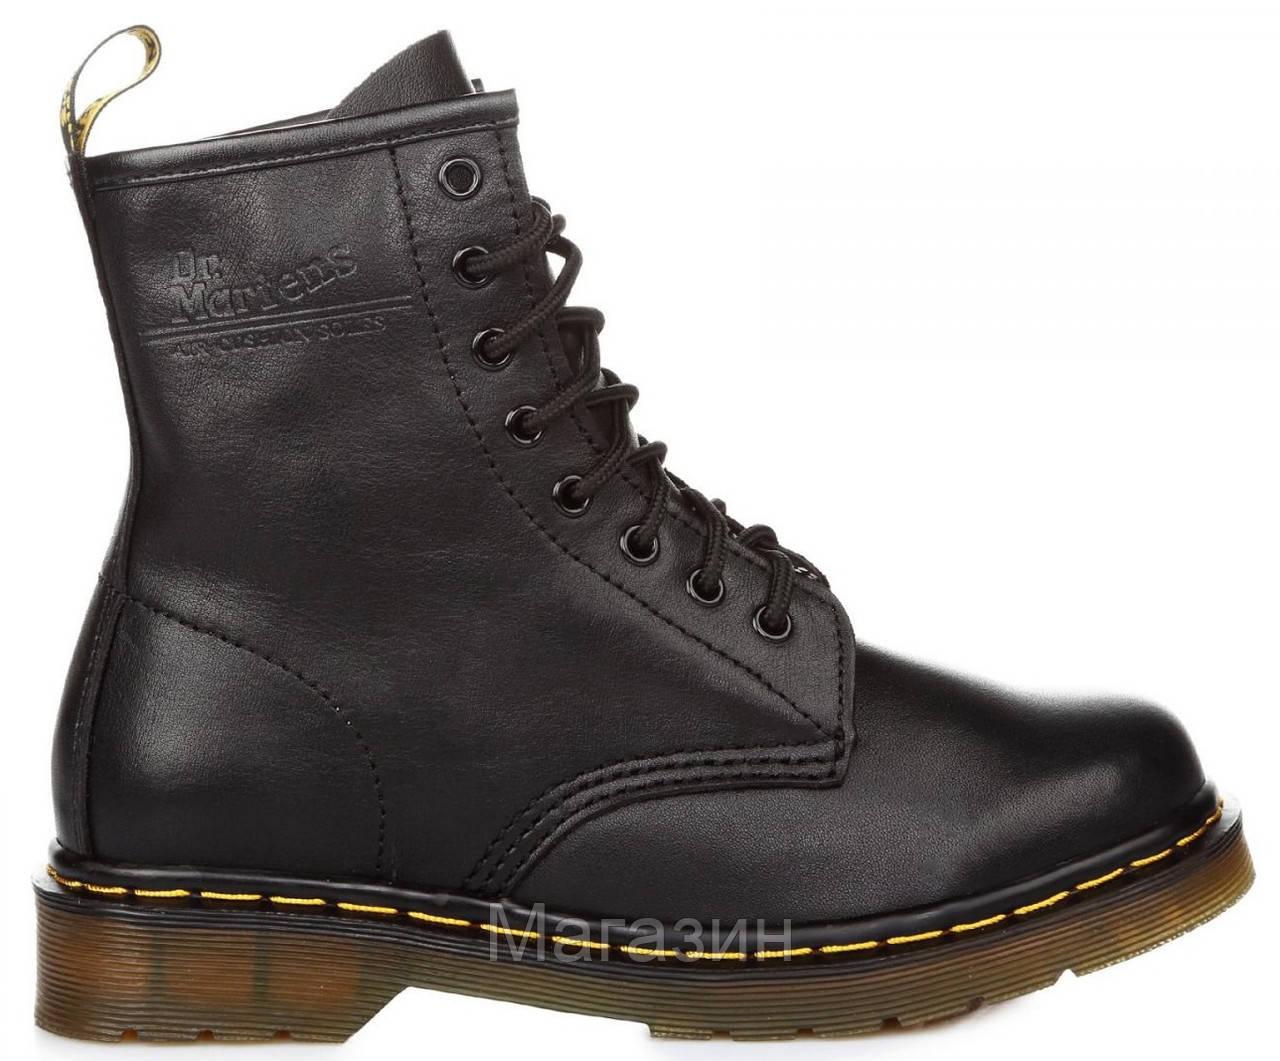 Женские зимние ботинки Dr. Martens 1460 Winter Fur Logo Black Доктор Мартинс С МЕХОМ черные